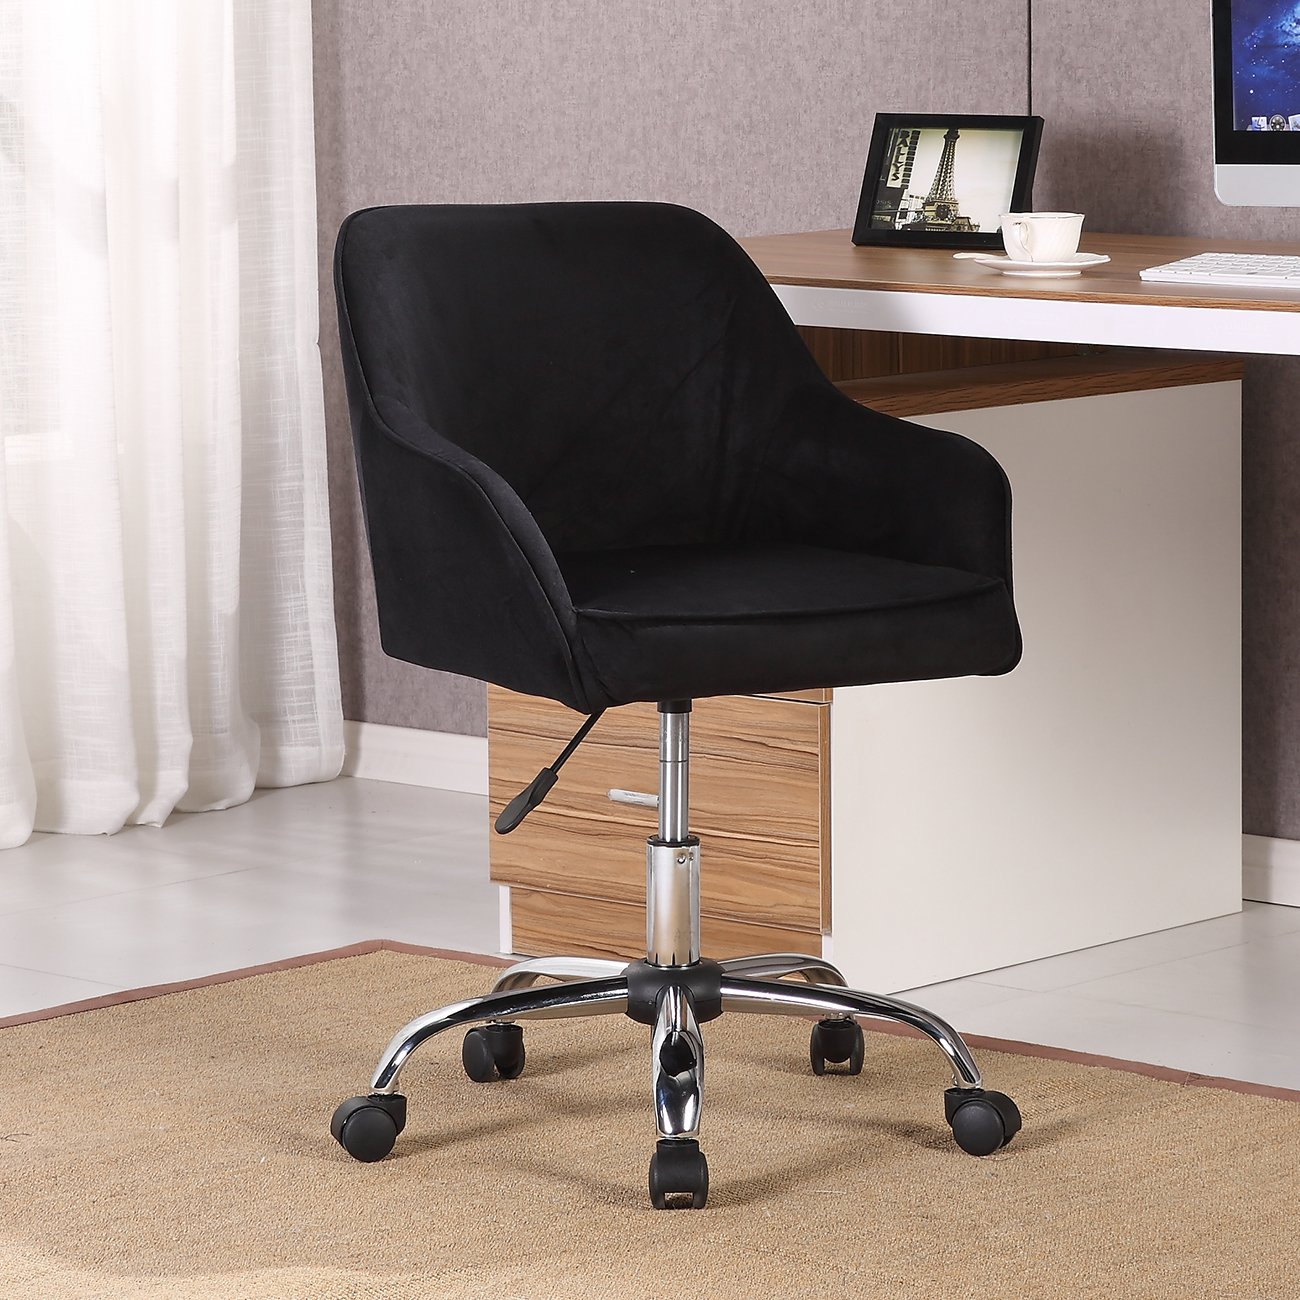 Belleze Modern Office Chair Task Desk Adjustable Swivel Height Velvet, Black